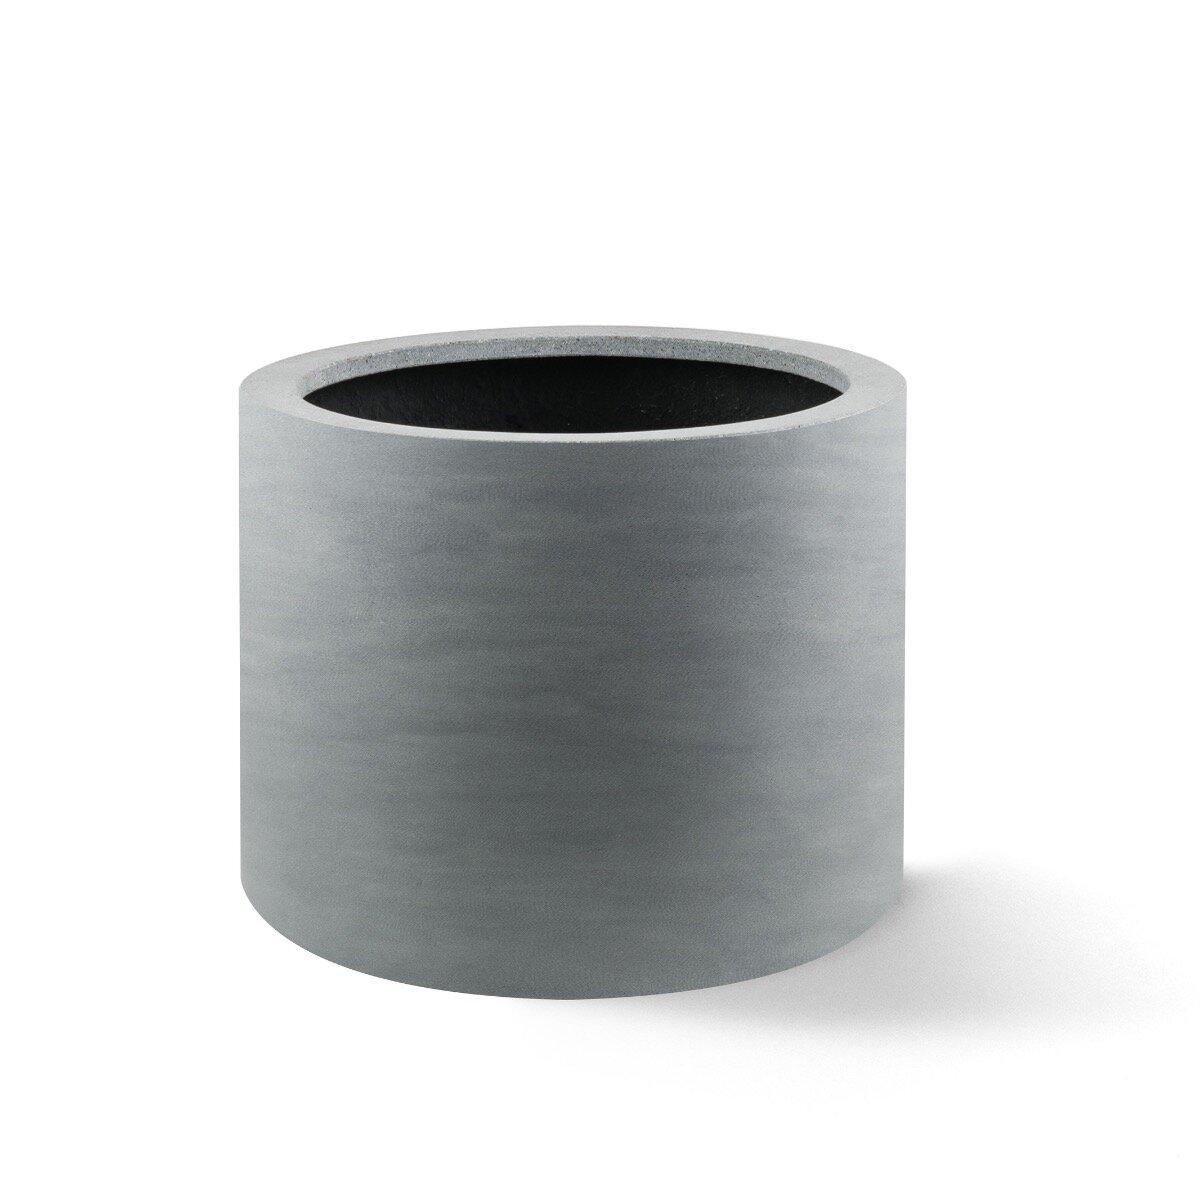 Květináč Argento 48 x 30 - přírodní šedá